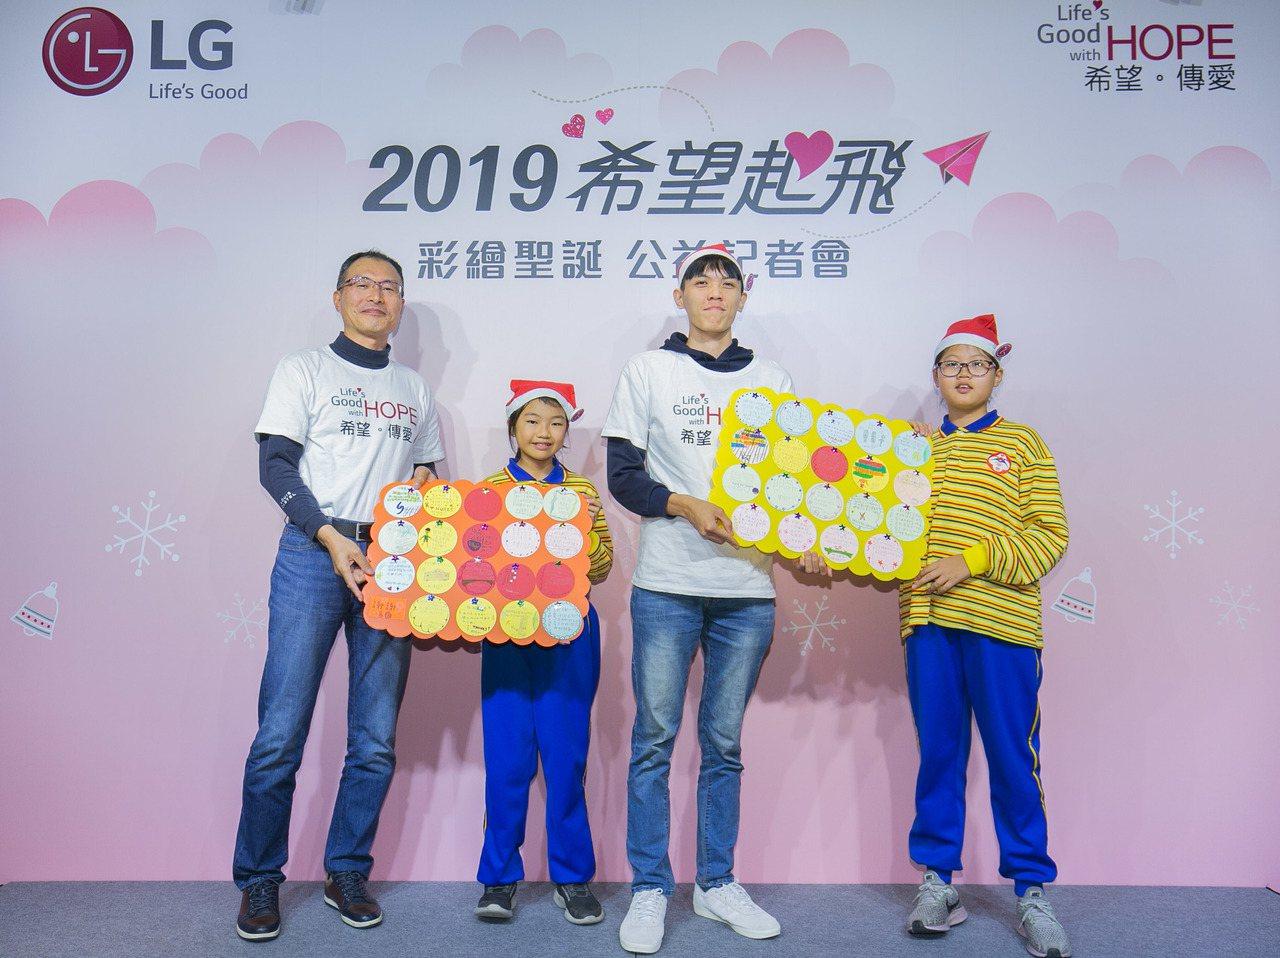 台南中洲國小小朋友特地準備驚喜感謝小卡,表達對LG、台南應用大學希望團隊的暖心關...